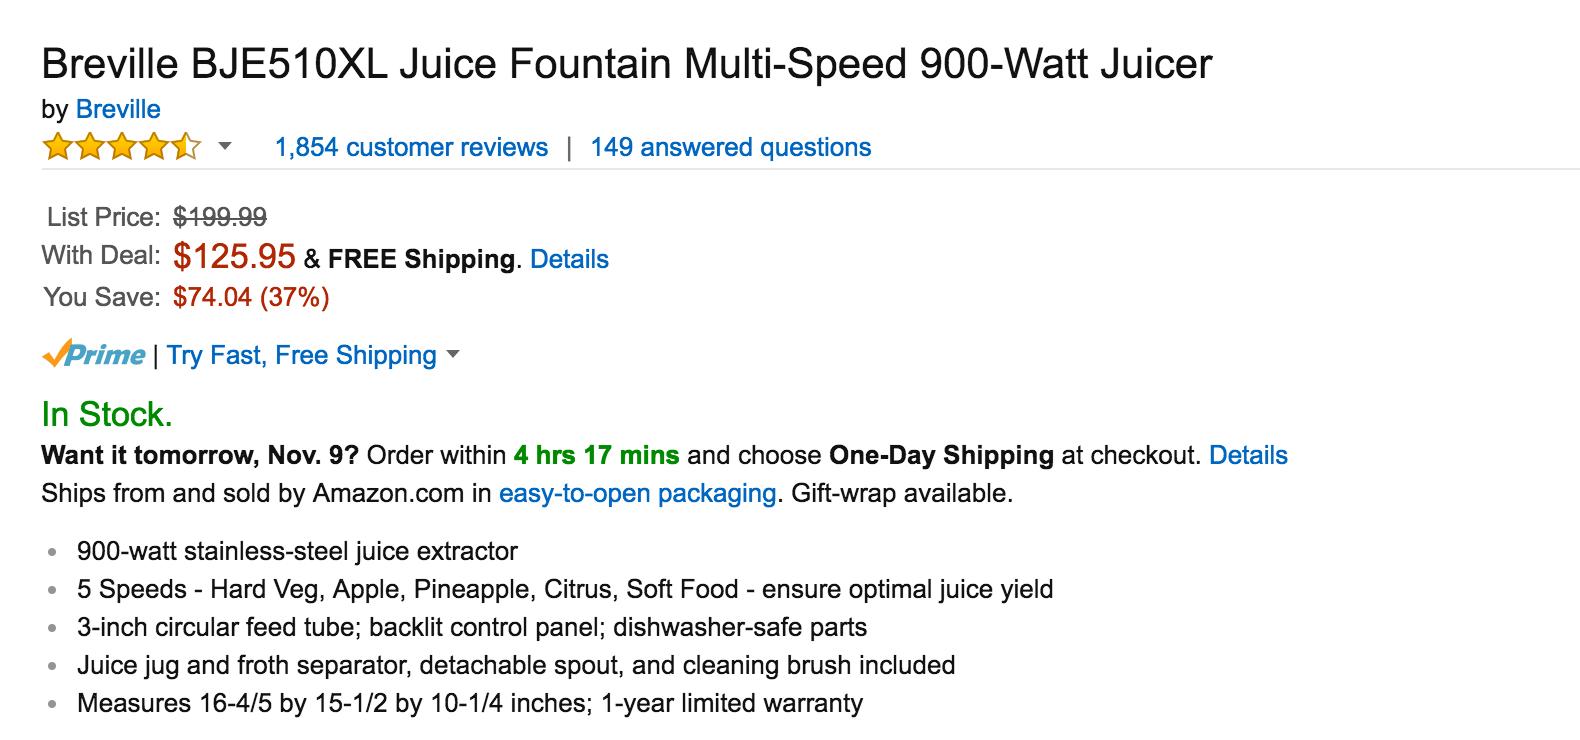 breville-juice-fountain-multi-speed-900-watt-juicer-bje510xl-5